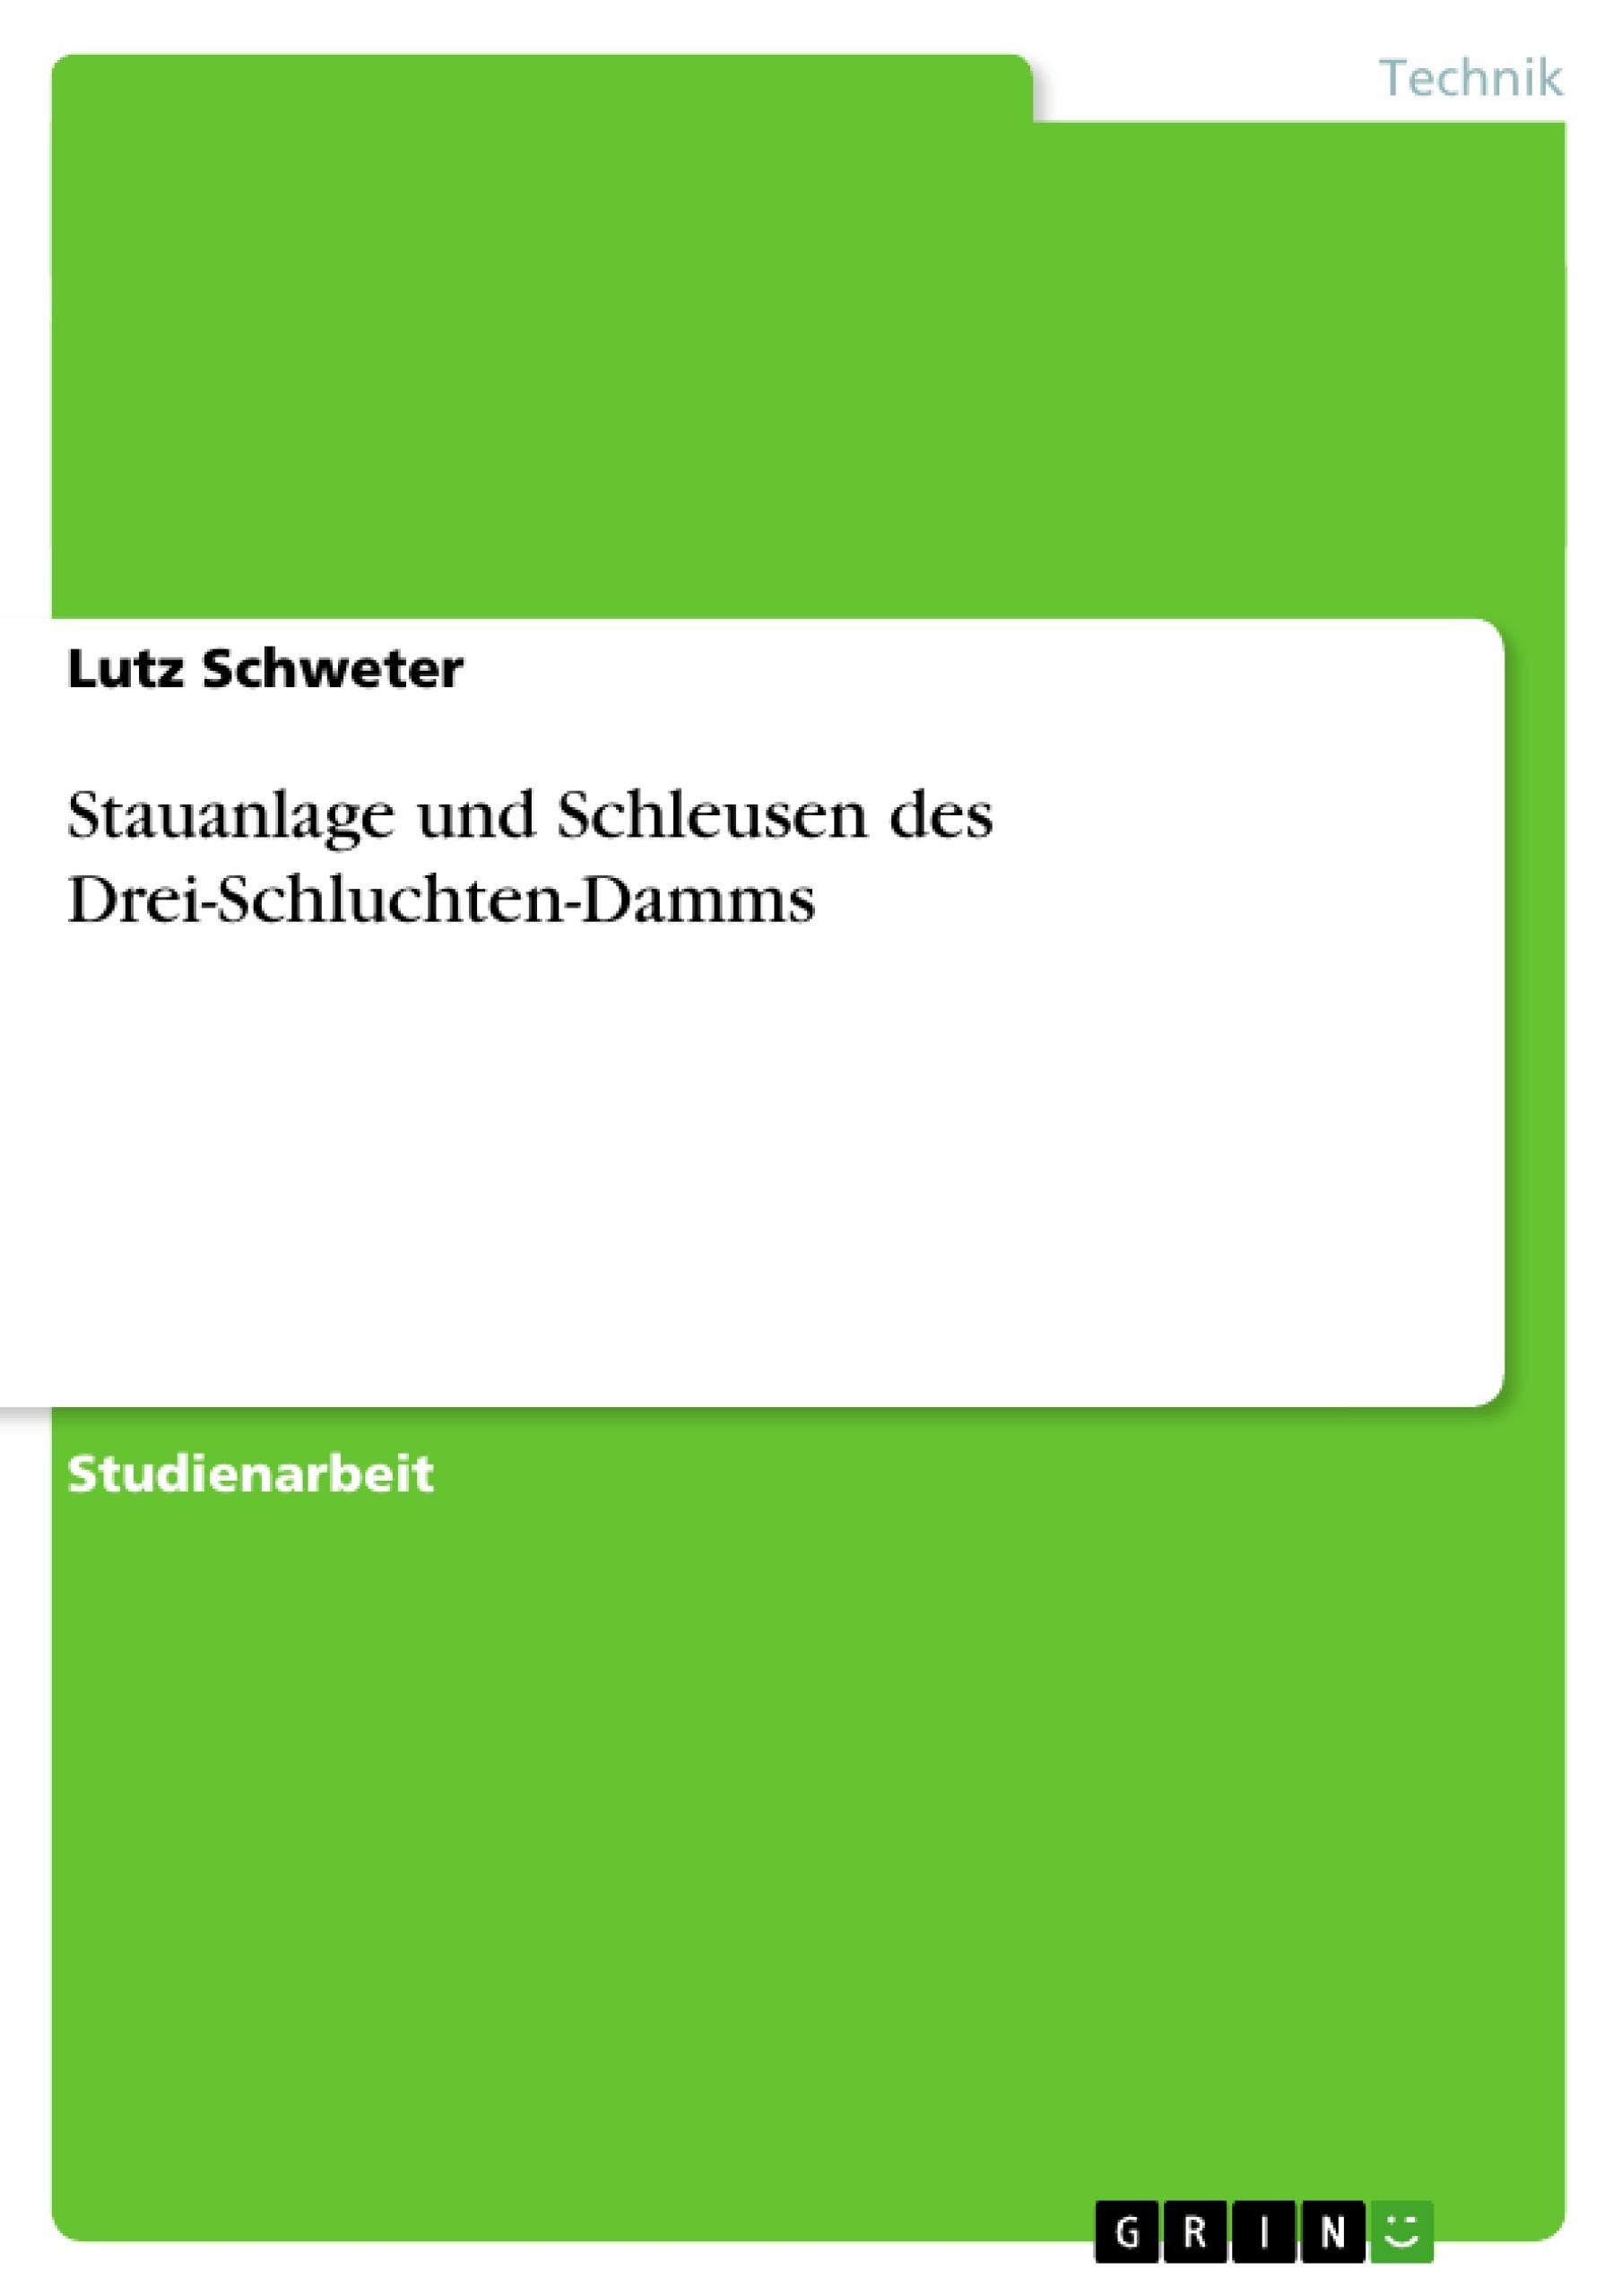 Titel: Stauanlage und Schleusen des Drei-Schluchten-Damms